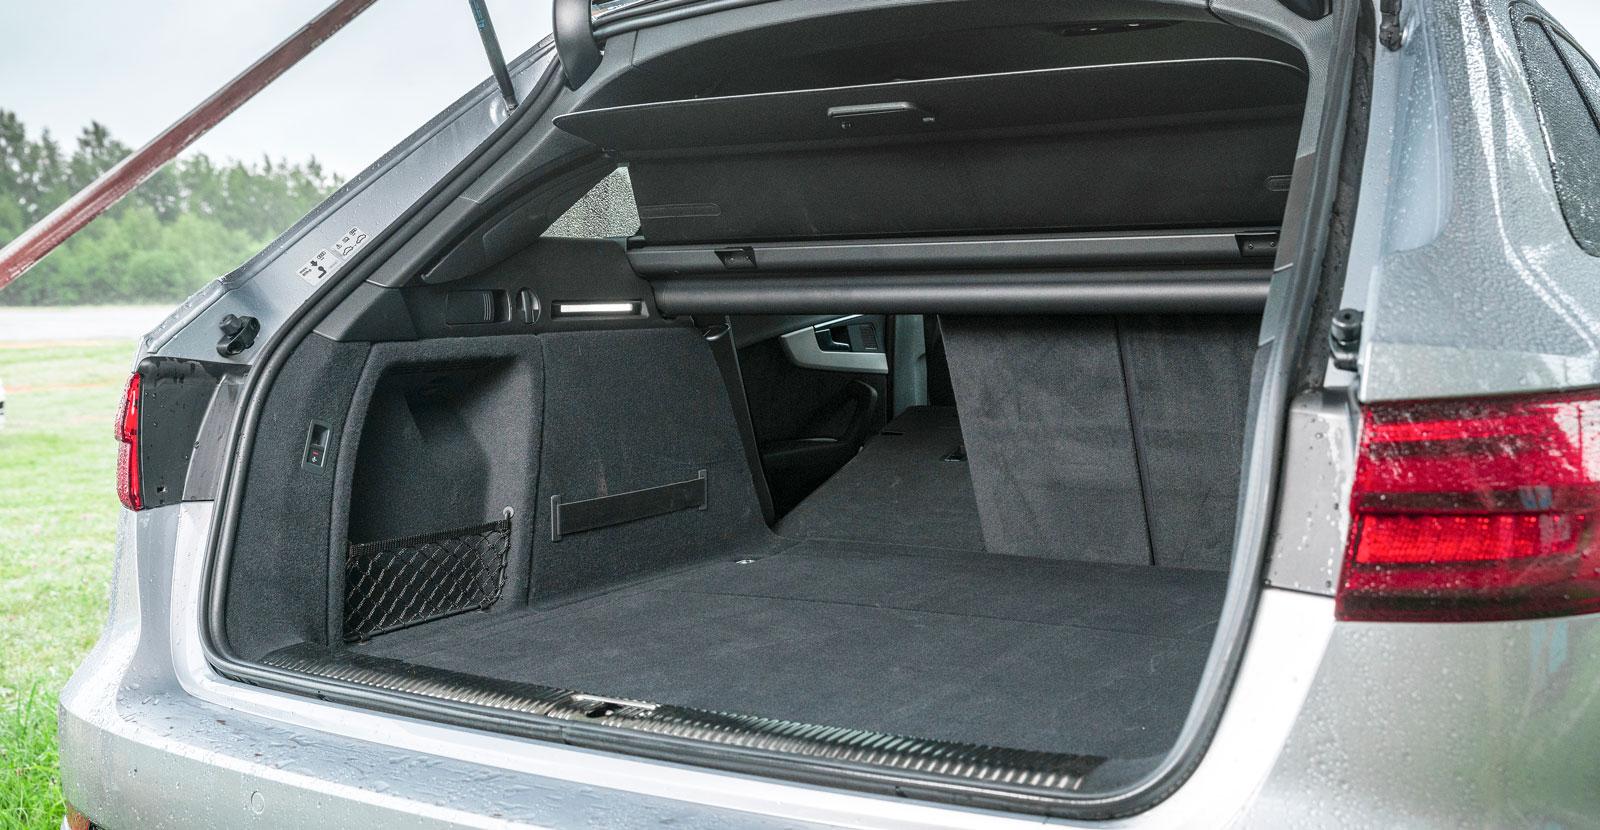 Bagageutrymmet i A4 Avant är ungefär lika stort som Volvos. Det är väl inklätt och försett med LED-belysning som gör småsaker lätta att hitta i mörker. Tredelat ryggstöd kan vara praktiskt och insynsskyddet följer automatiskt med den elmotorstyrda luckans rörelser.